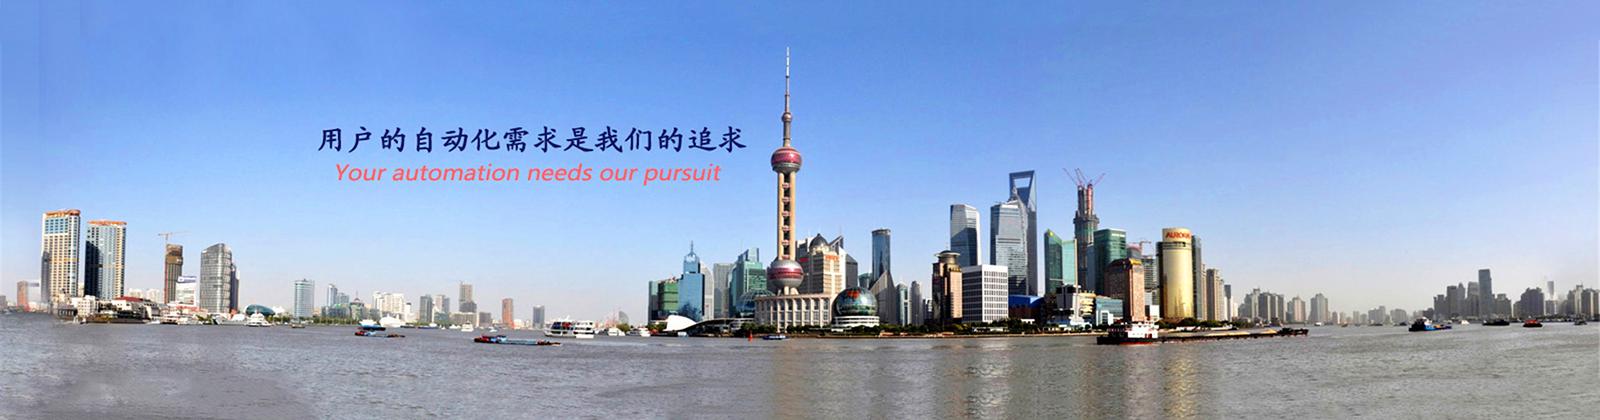 上海自动化仪表三厂官网